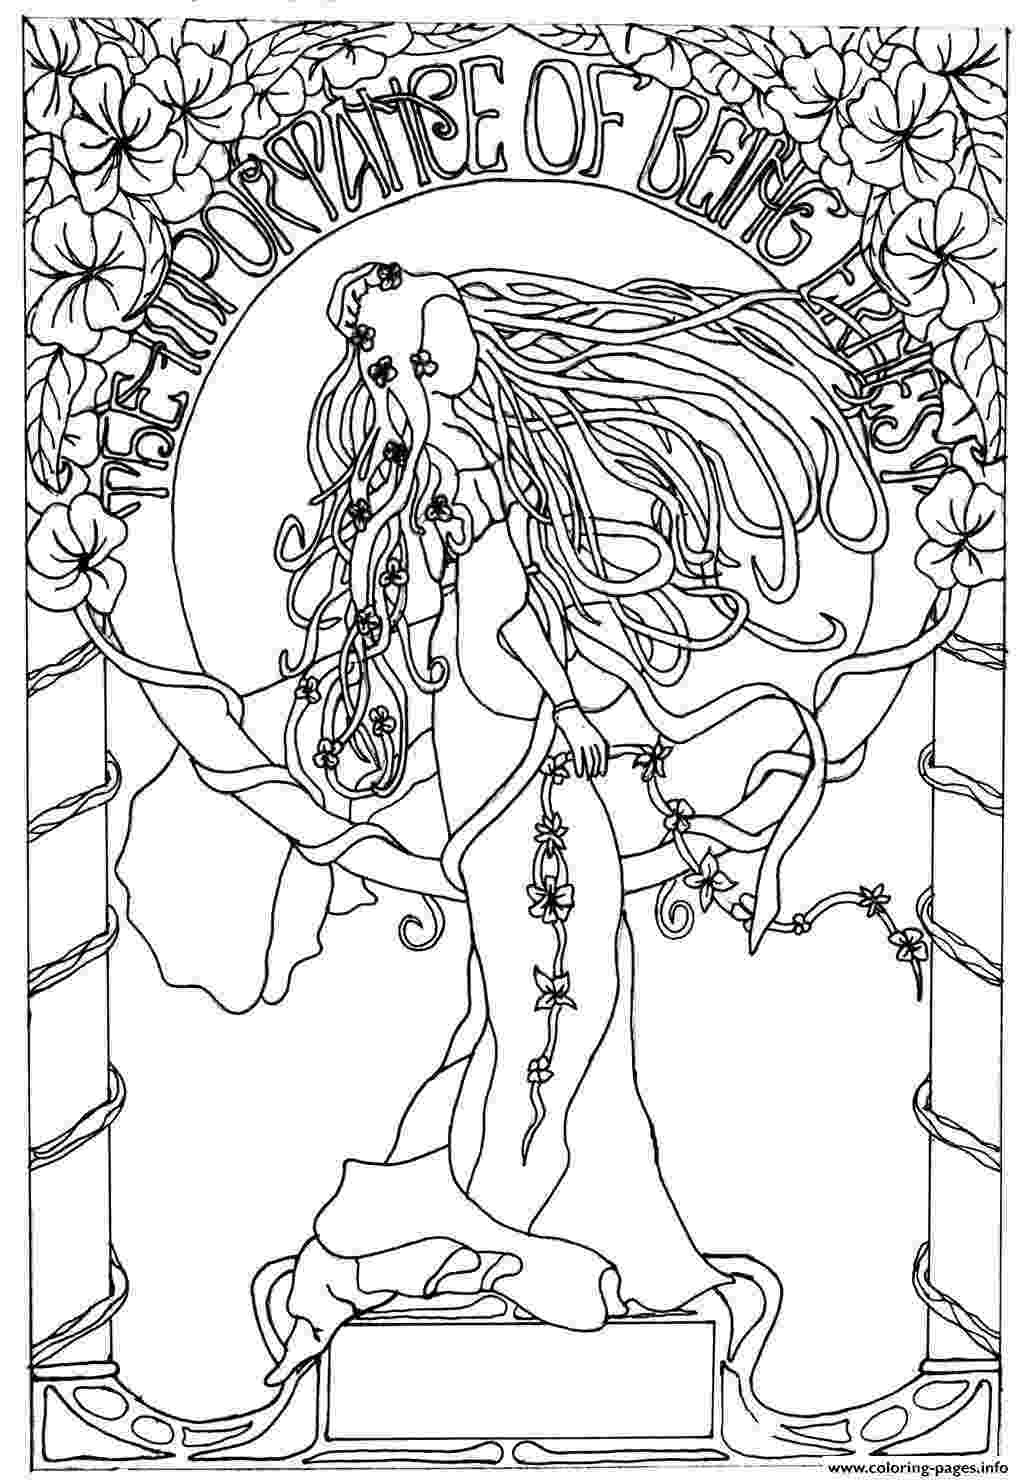 art nouveau coloring book online 19 best mucha coloring pages images on pinterest books nouveau online art coloring book